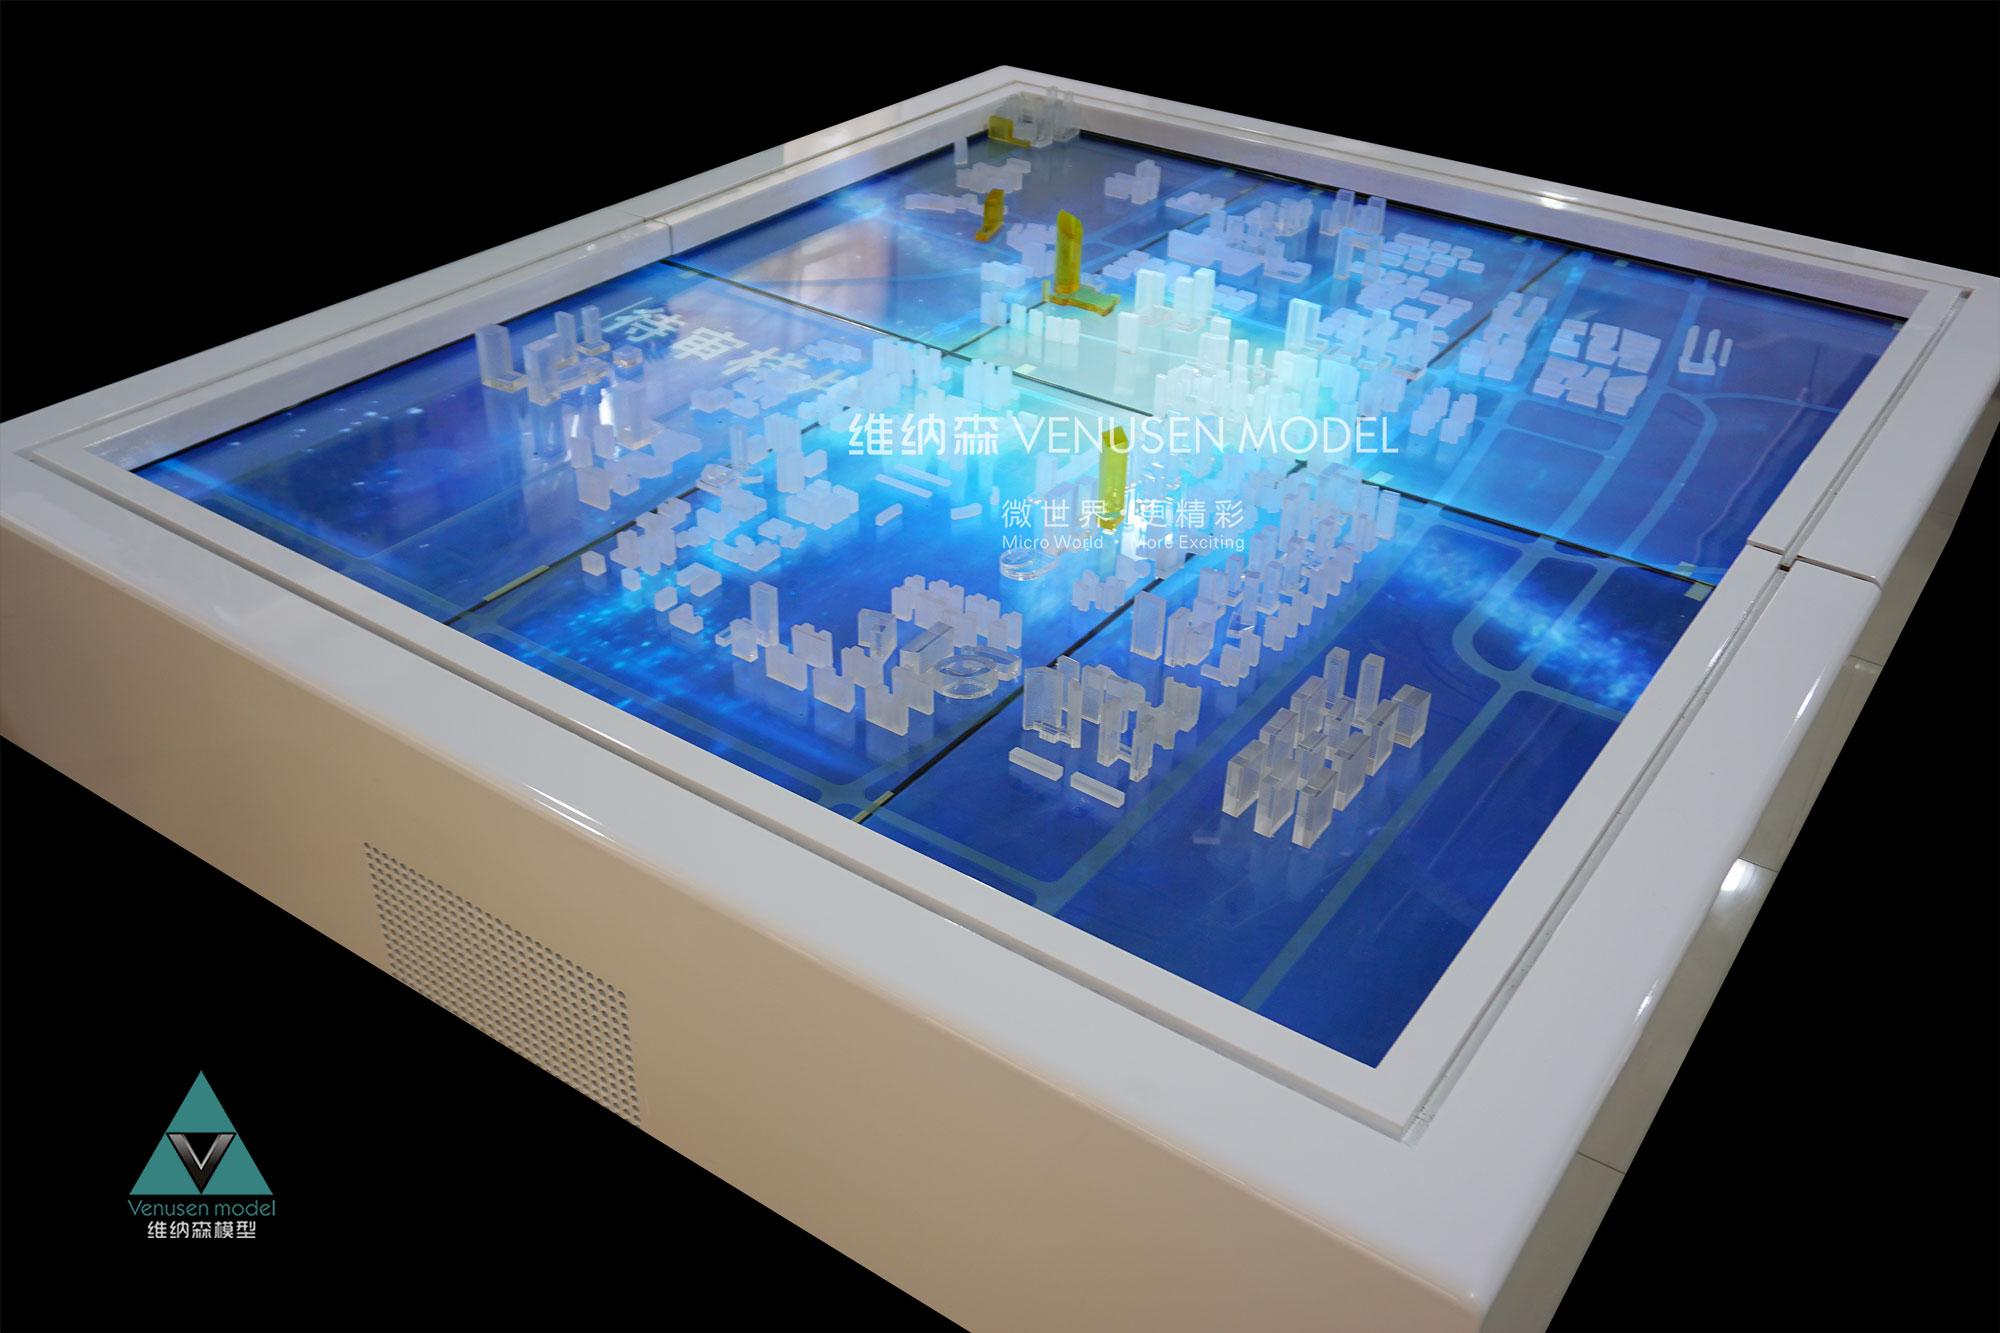 什么是多媒体电子沙盘?跟互动投影沙盘有什么区别?图片